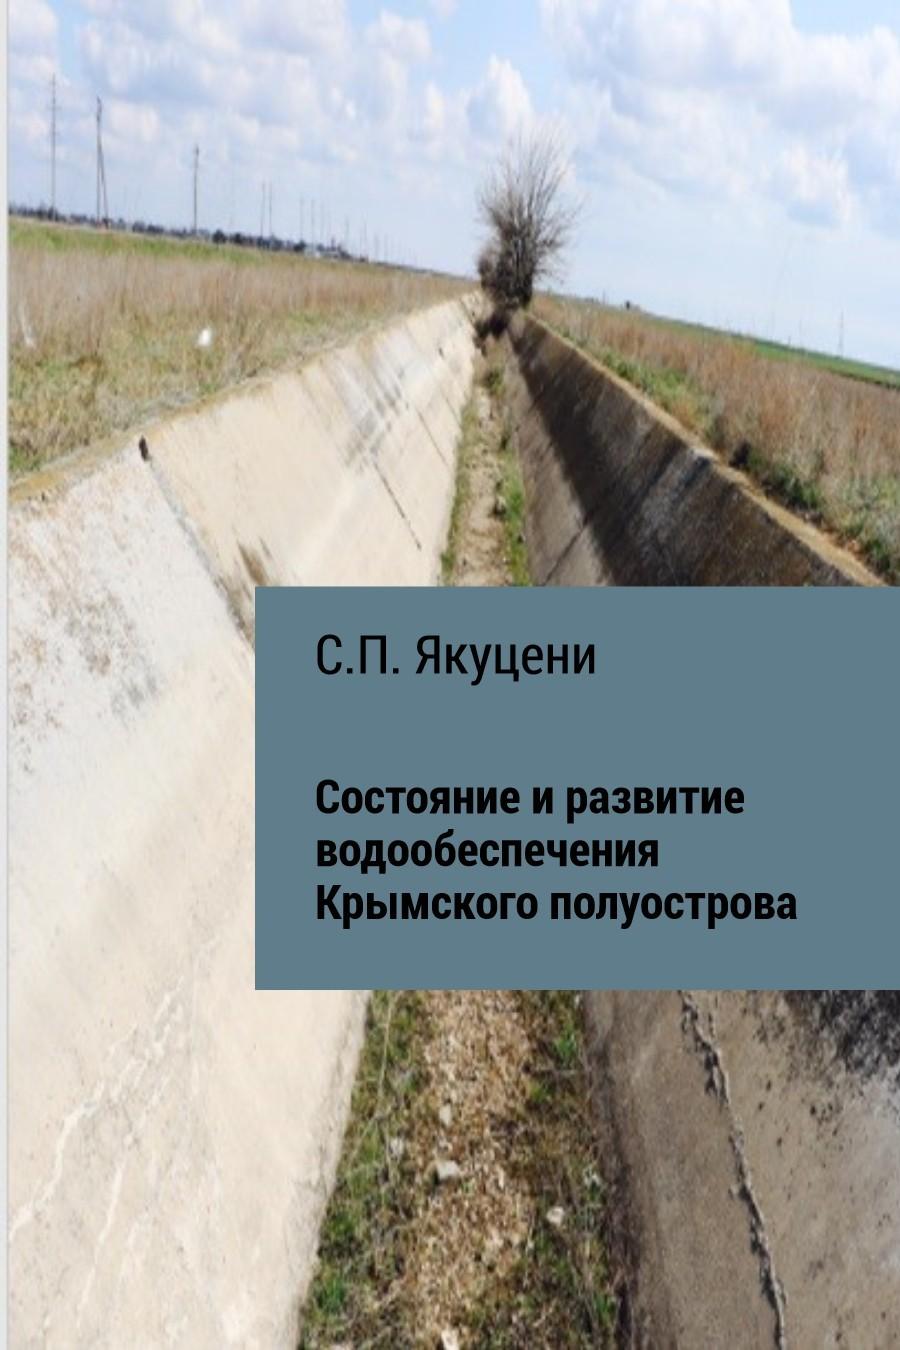 Сергей Павлович Якуцени. Состояние и развитие водообеспечения Крымского полуострова